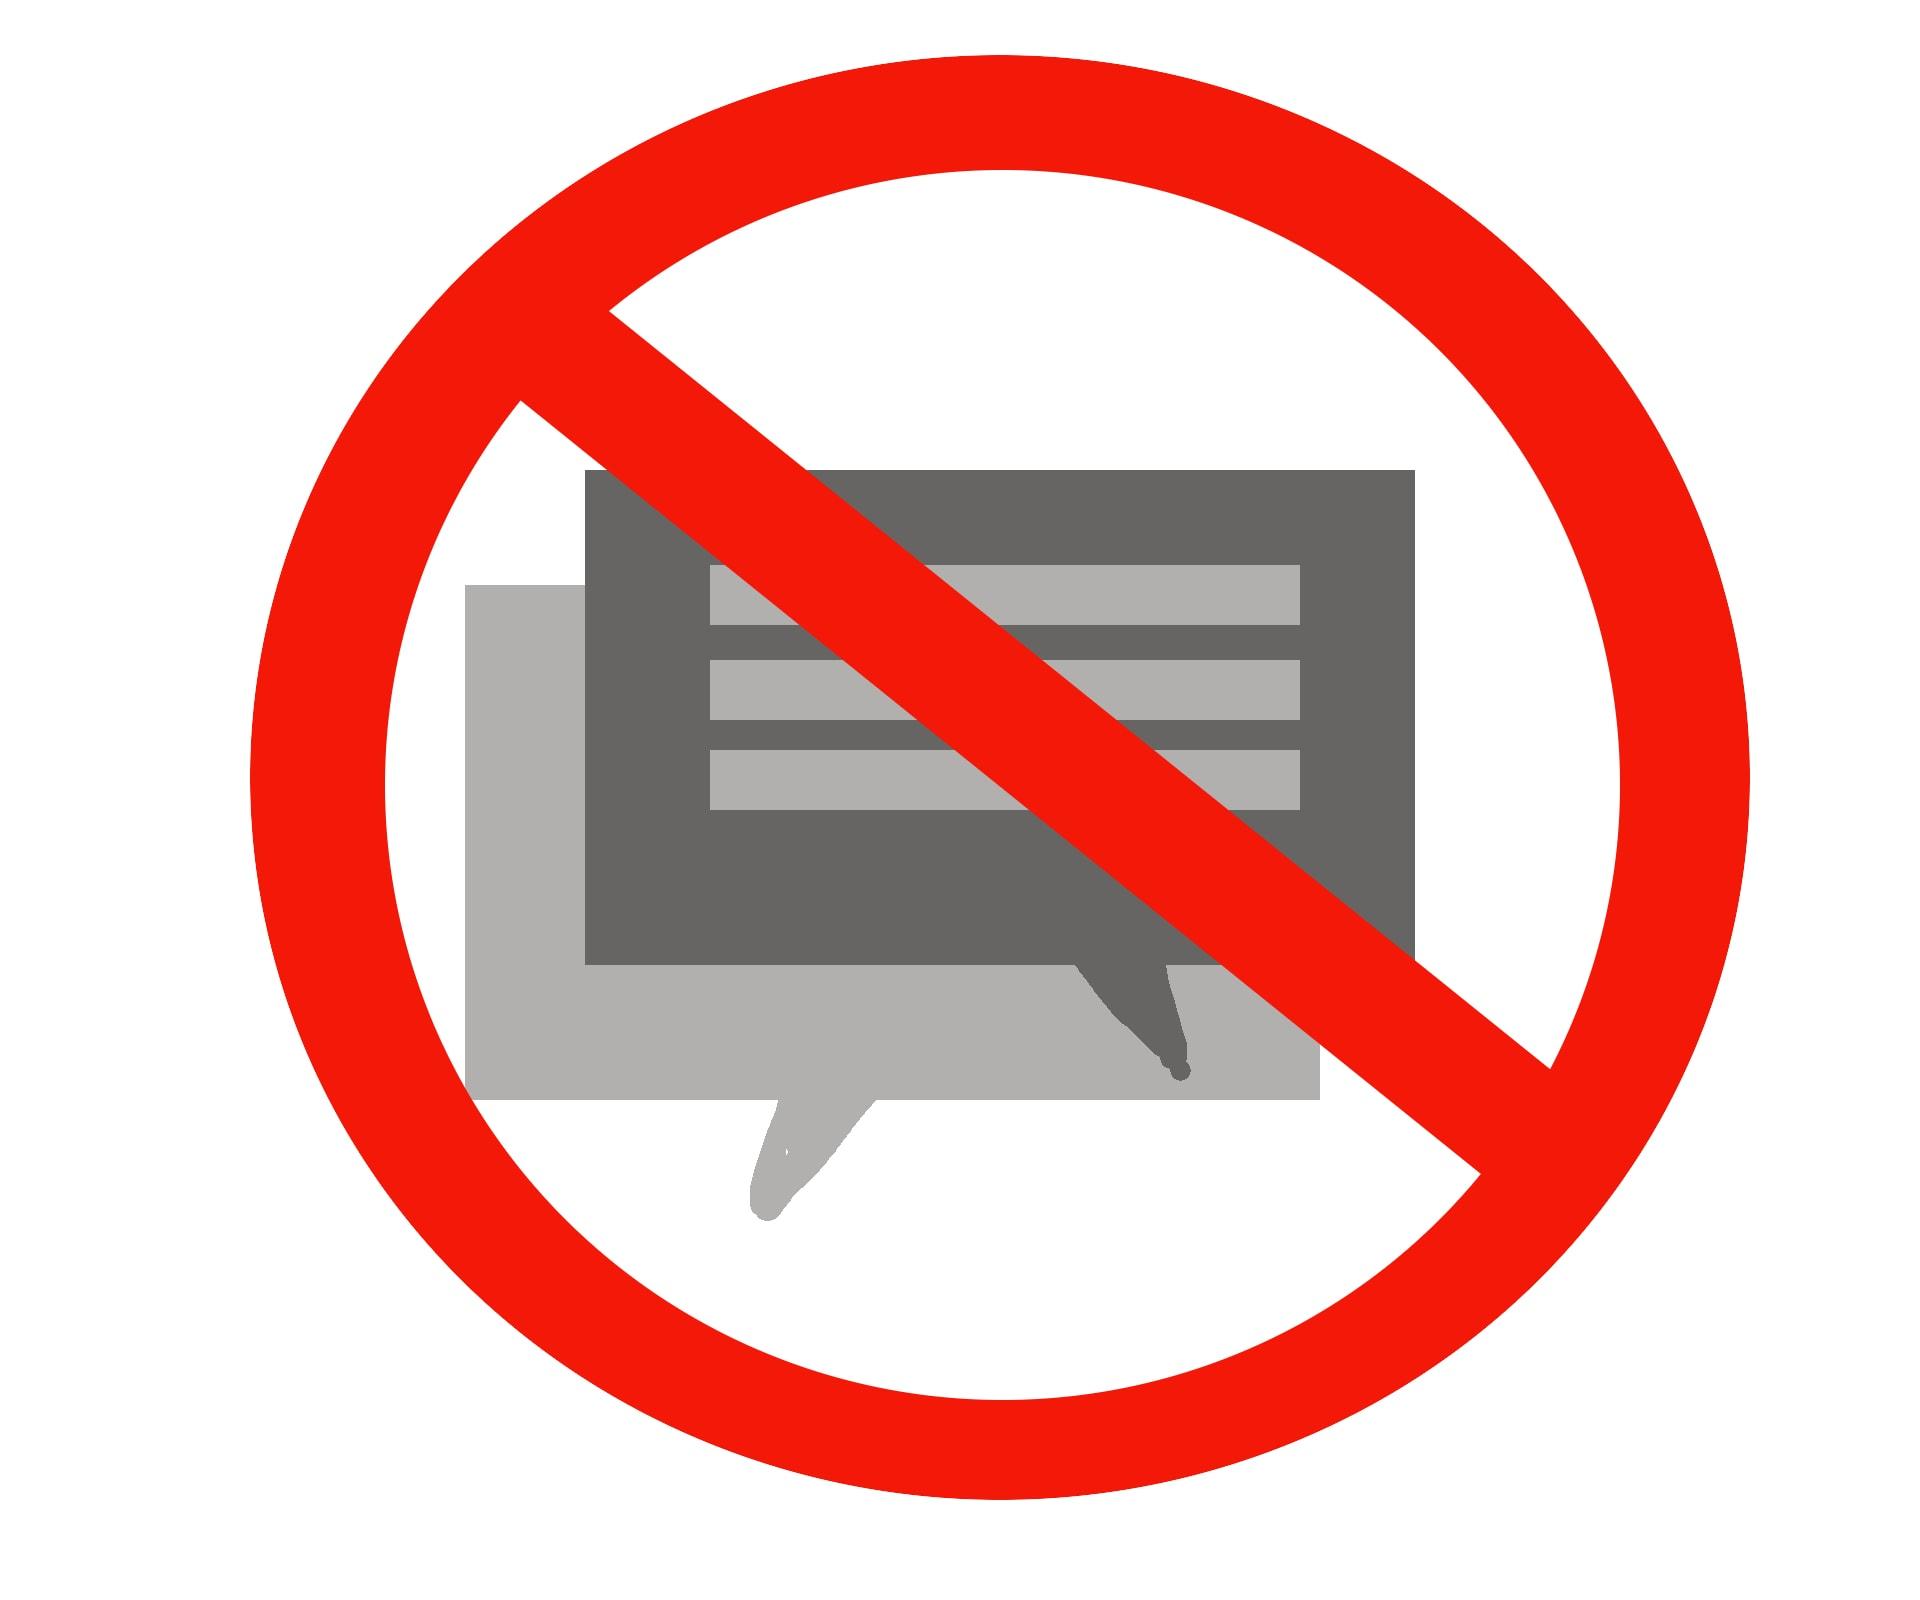 Der Facebook-Filter sorgt für Ruhe im Newsfeed